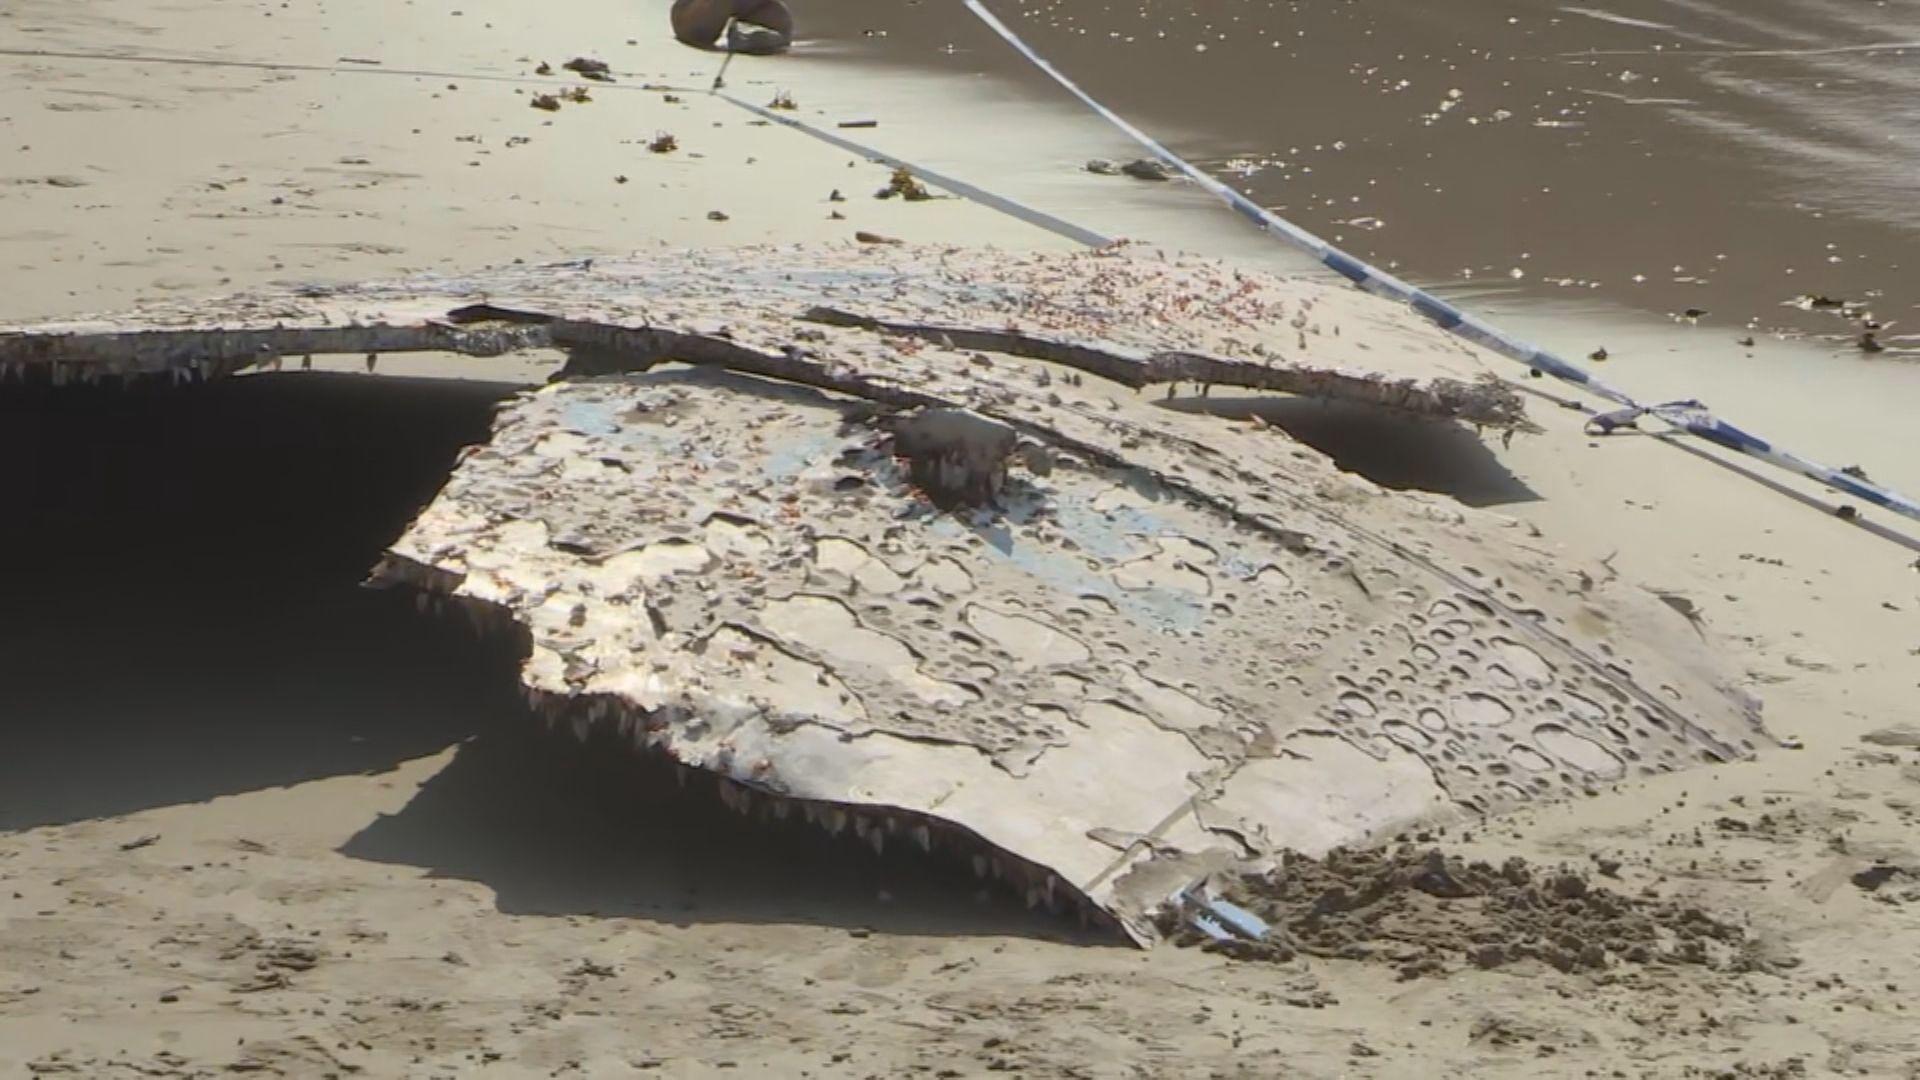 白腊灣發現大型金屬塊 懷疑是火箭碎片